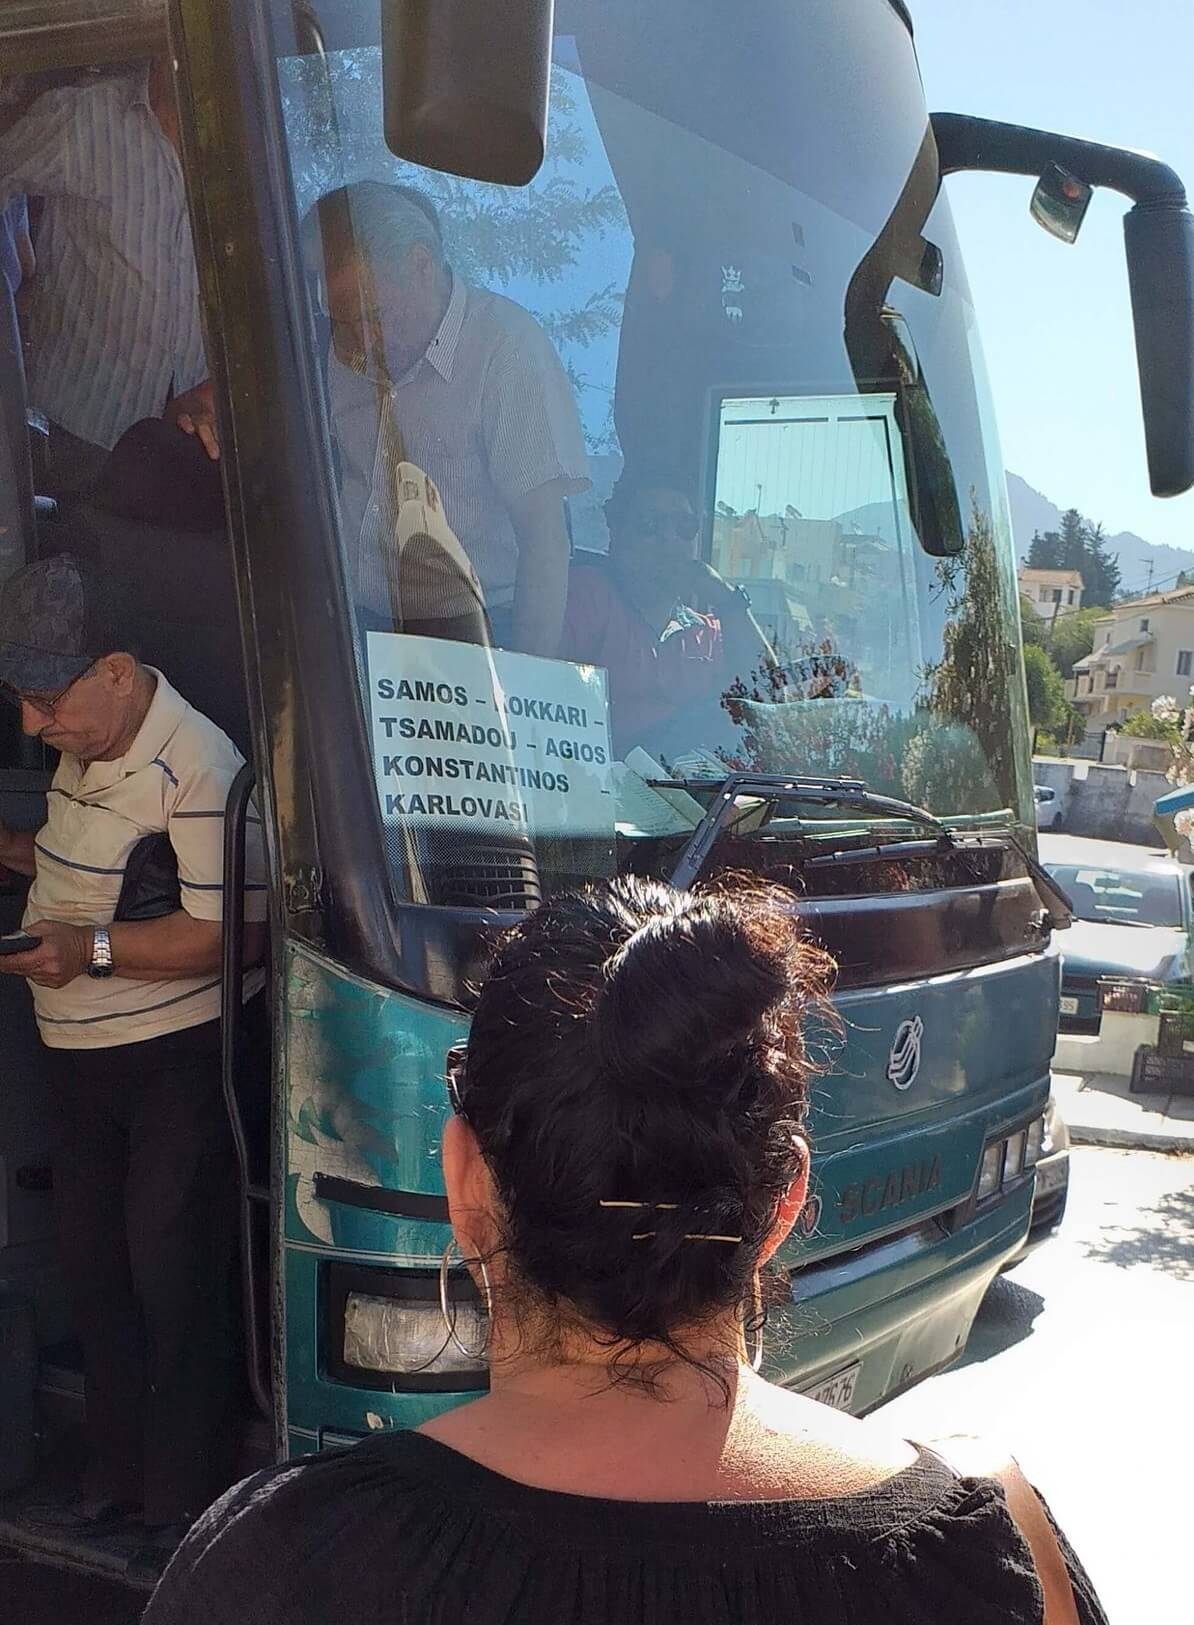 Karlovasi Kokkari Vathy KTEL Otobüsleri